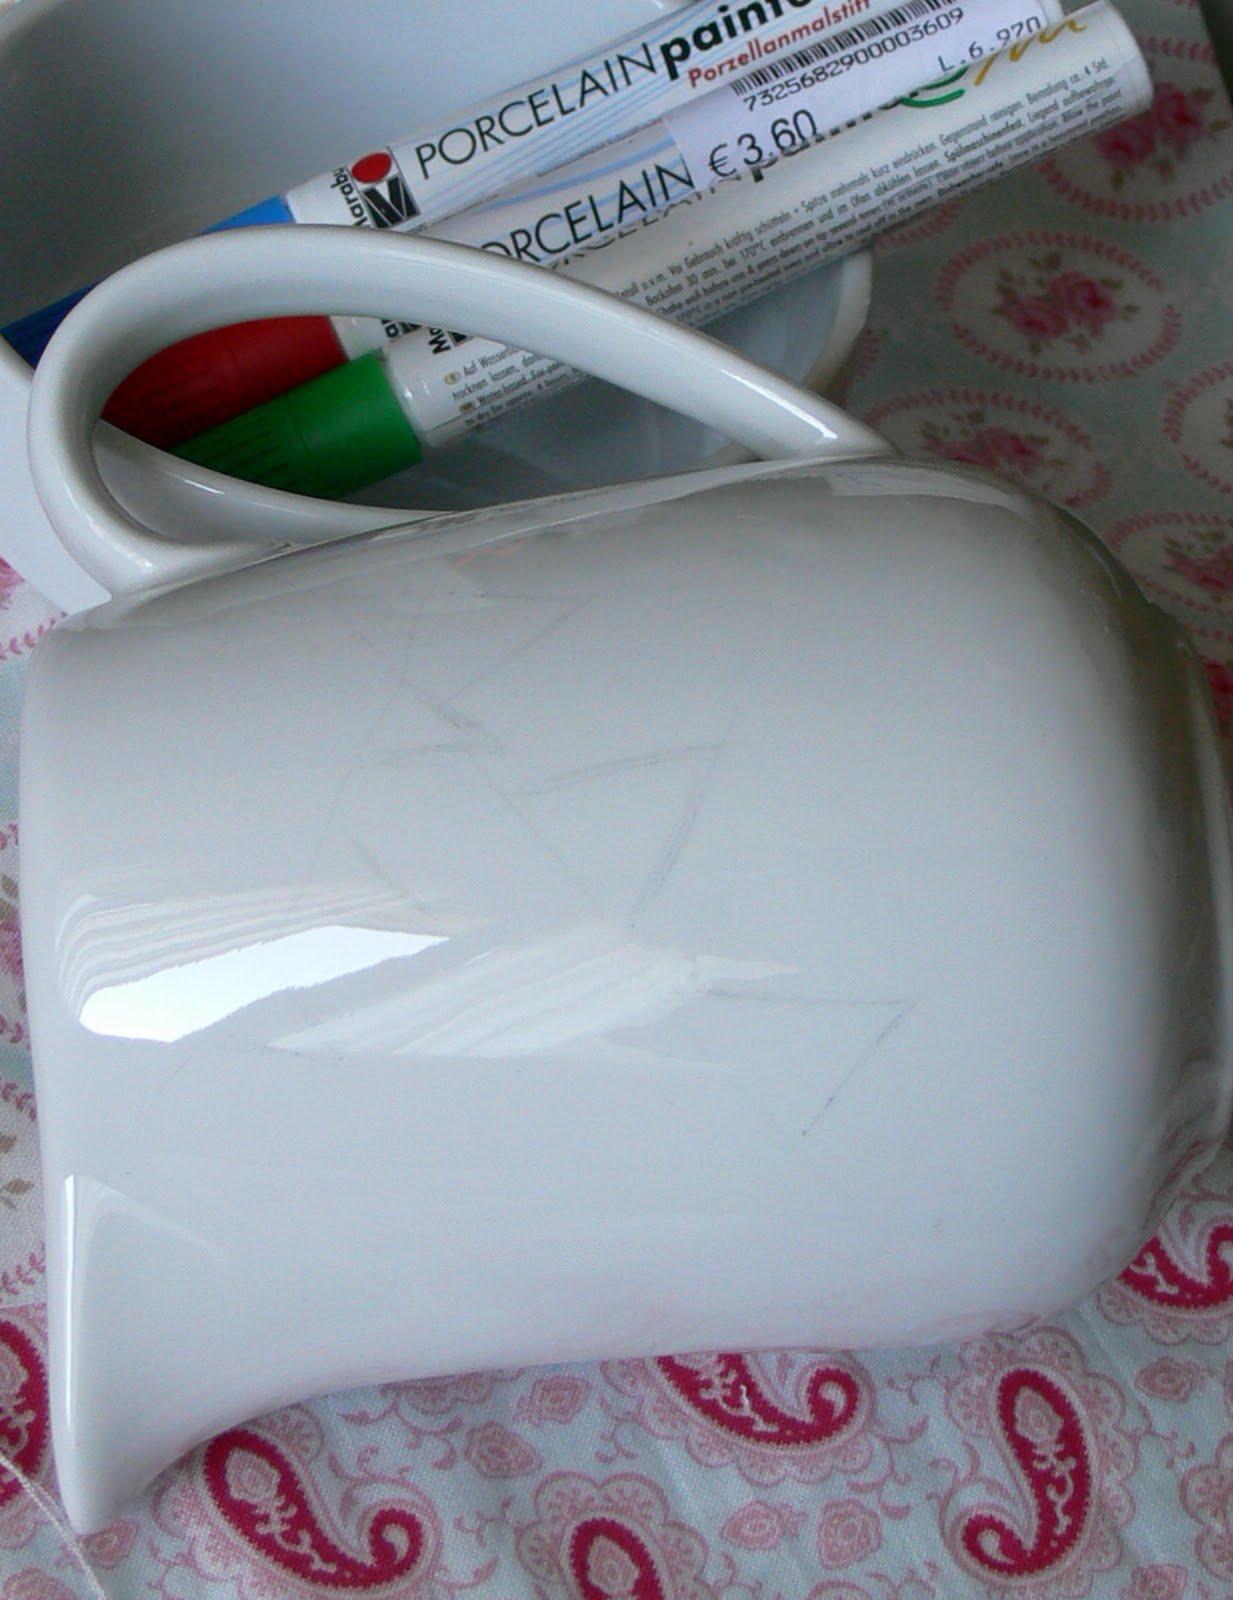 Silvia e greg decorazione ceramica a freddo for Decorazione ceramica